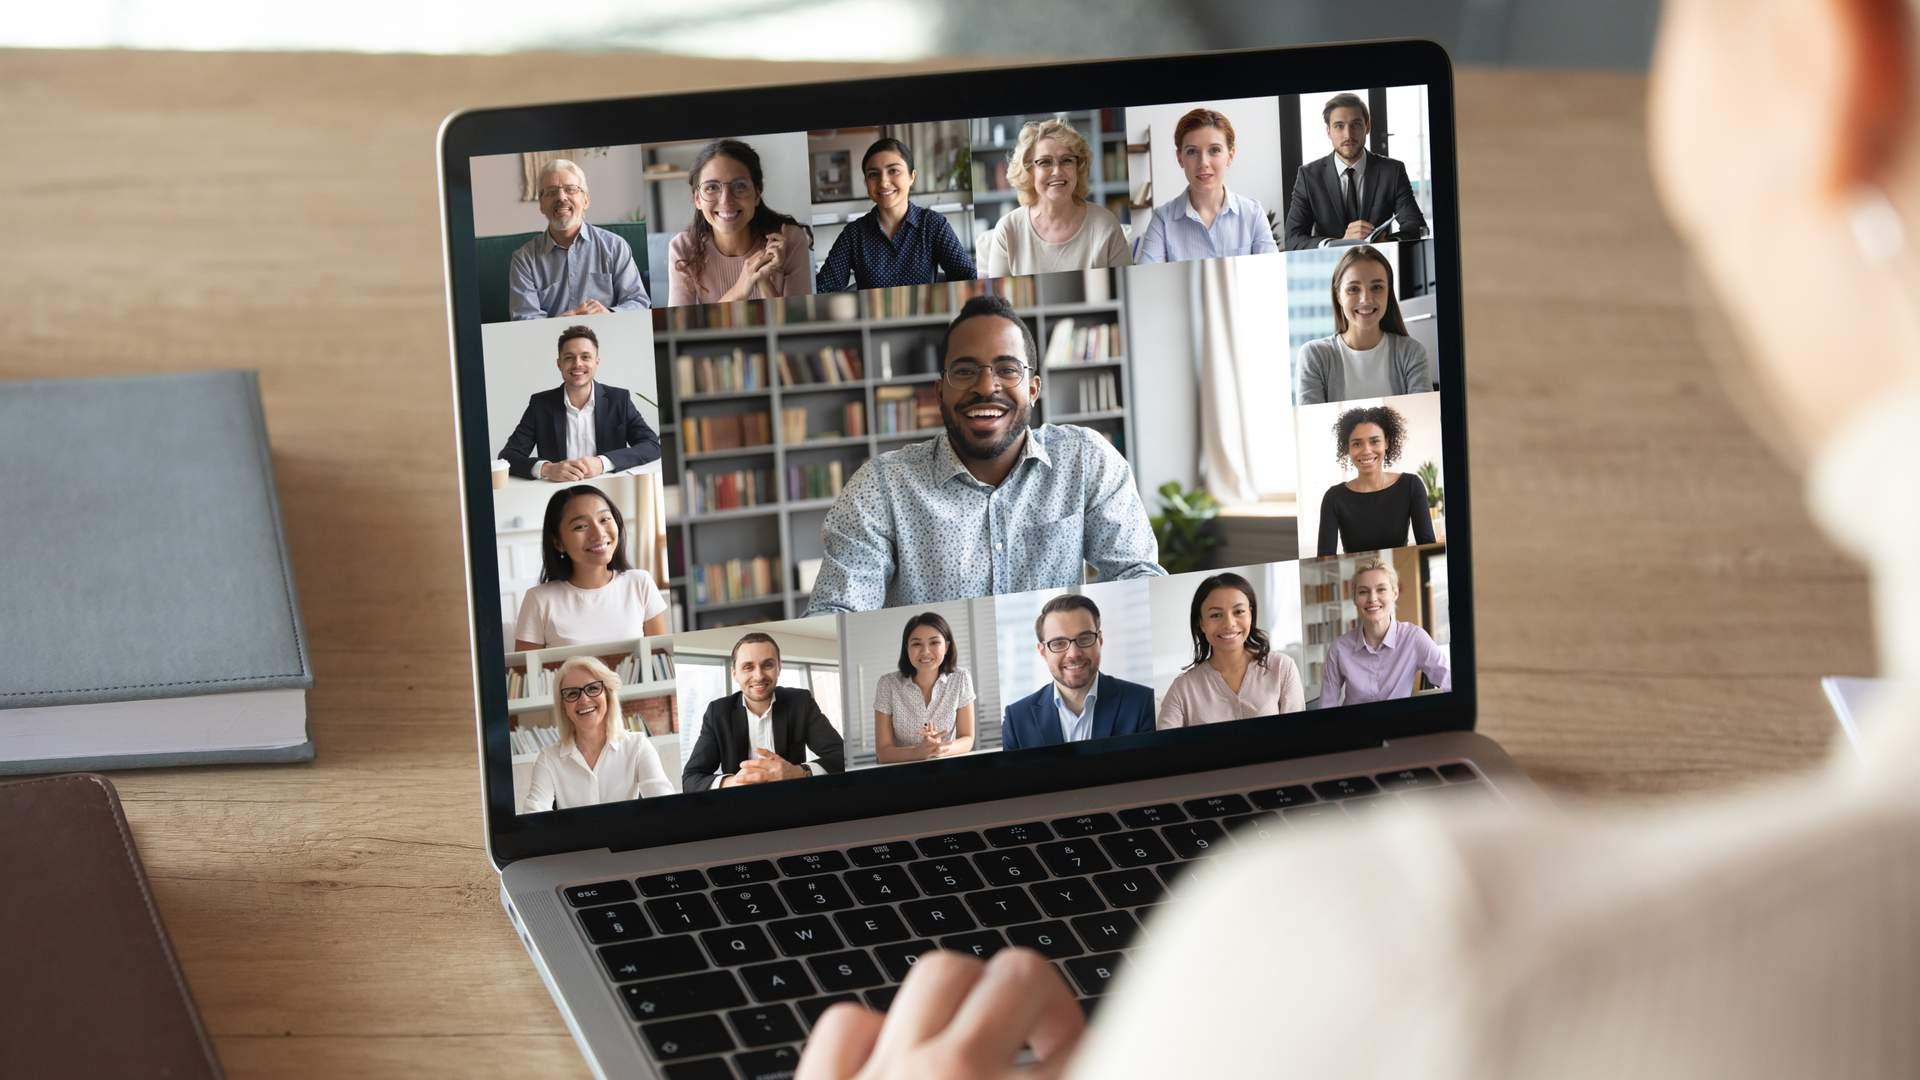 Uma webcam para notebook pode melhorar a qualidade da sua imagem, em relação ao que já vem no notebook (Fonte: Shutterstock/fizkes)